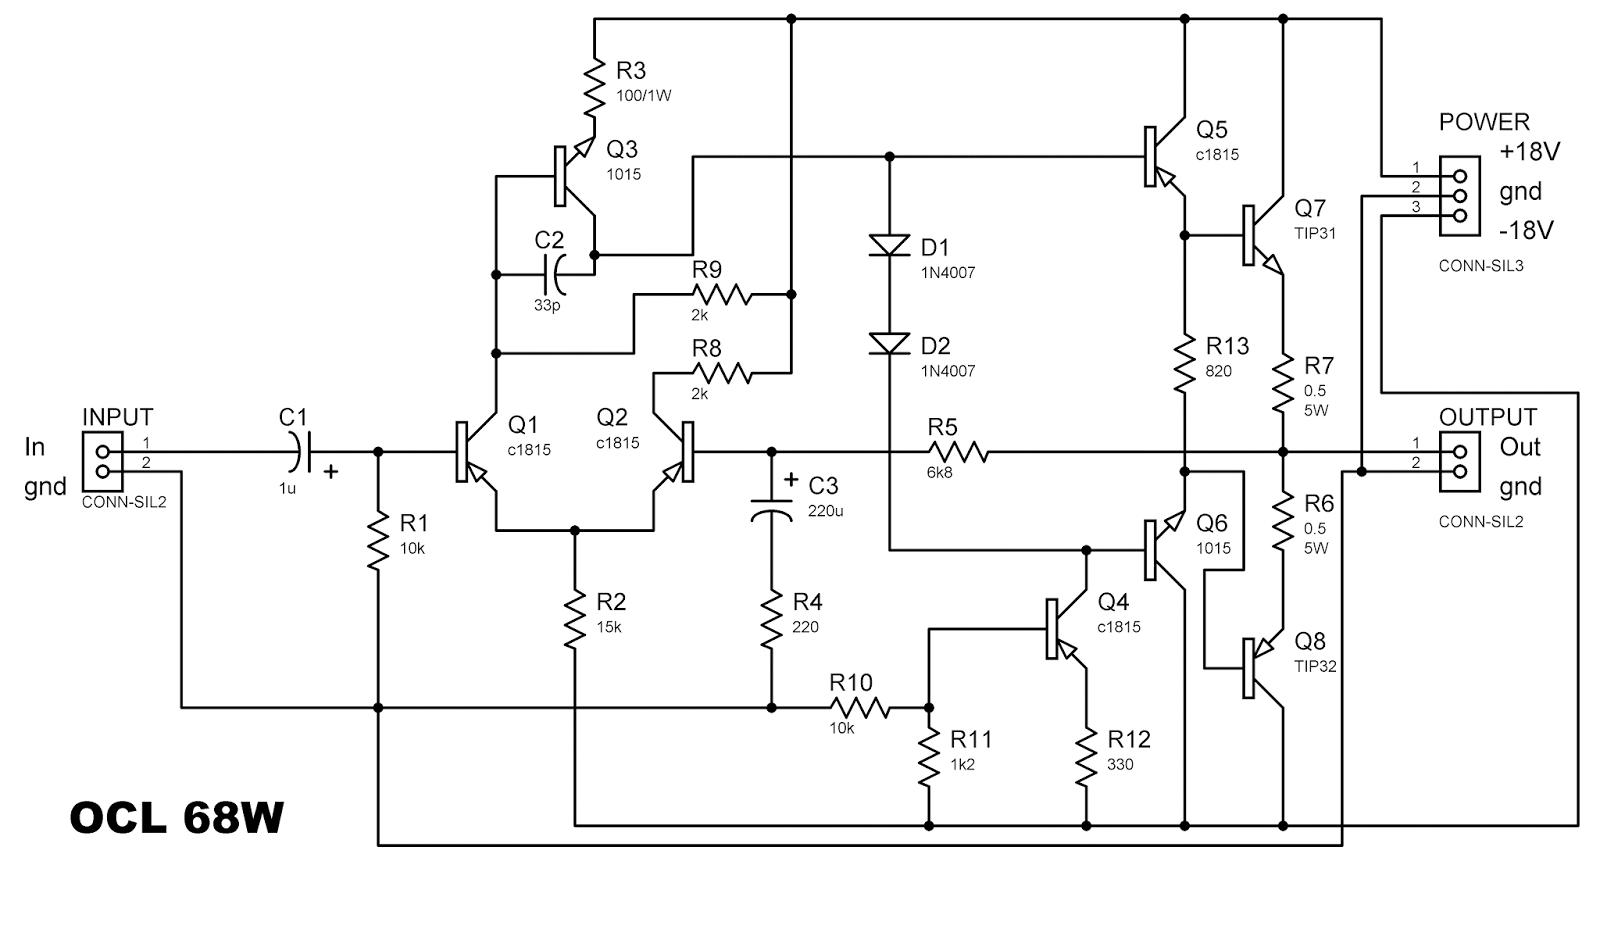 Ocl 68 Watt Power Amplifier